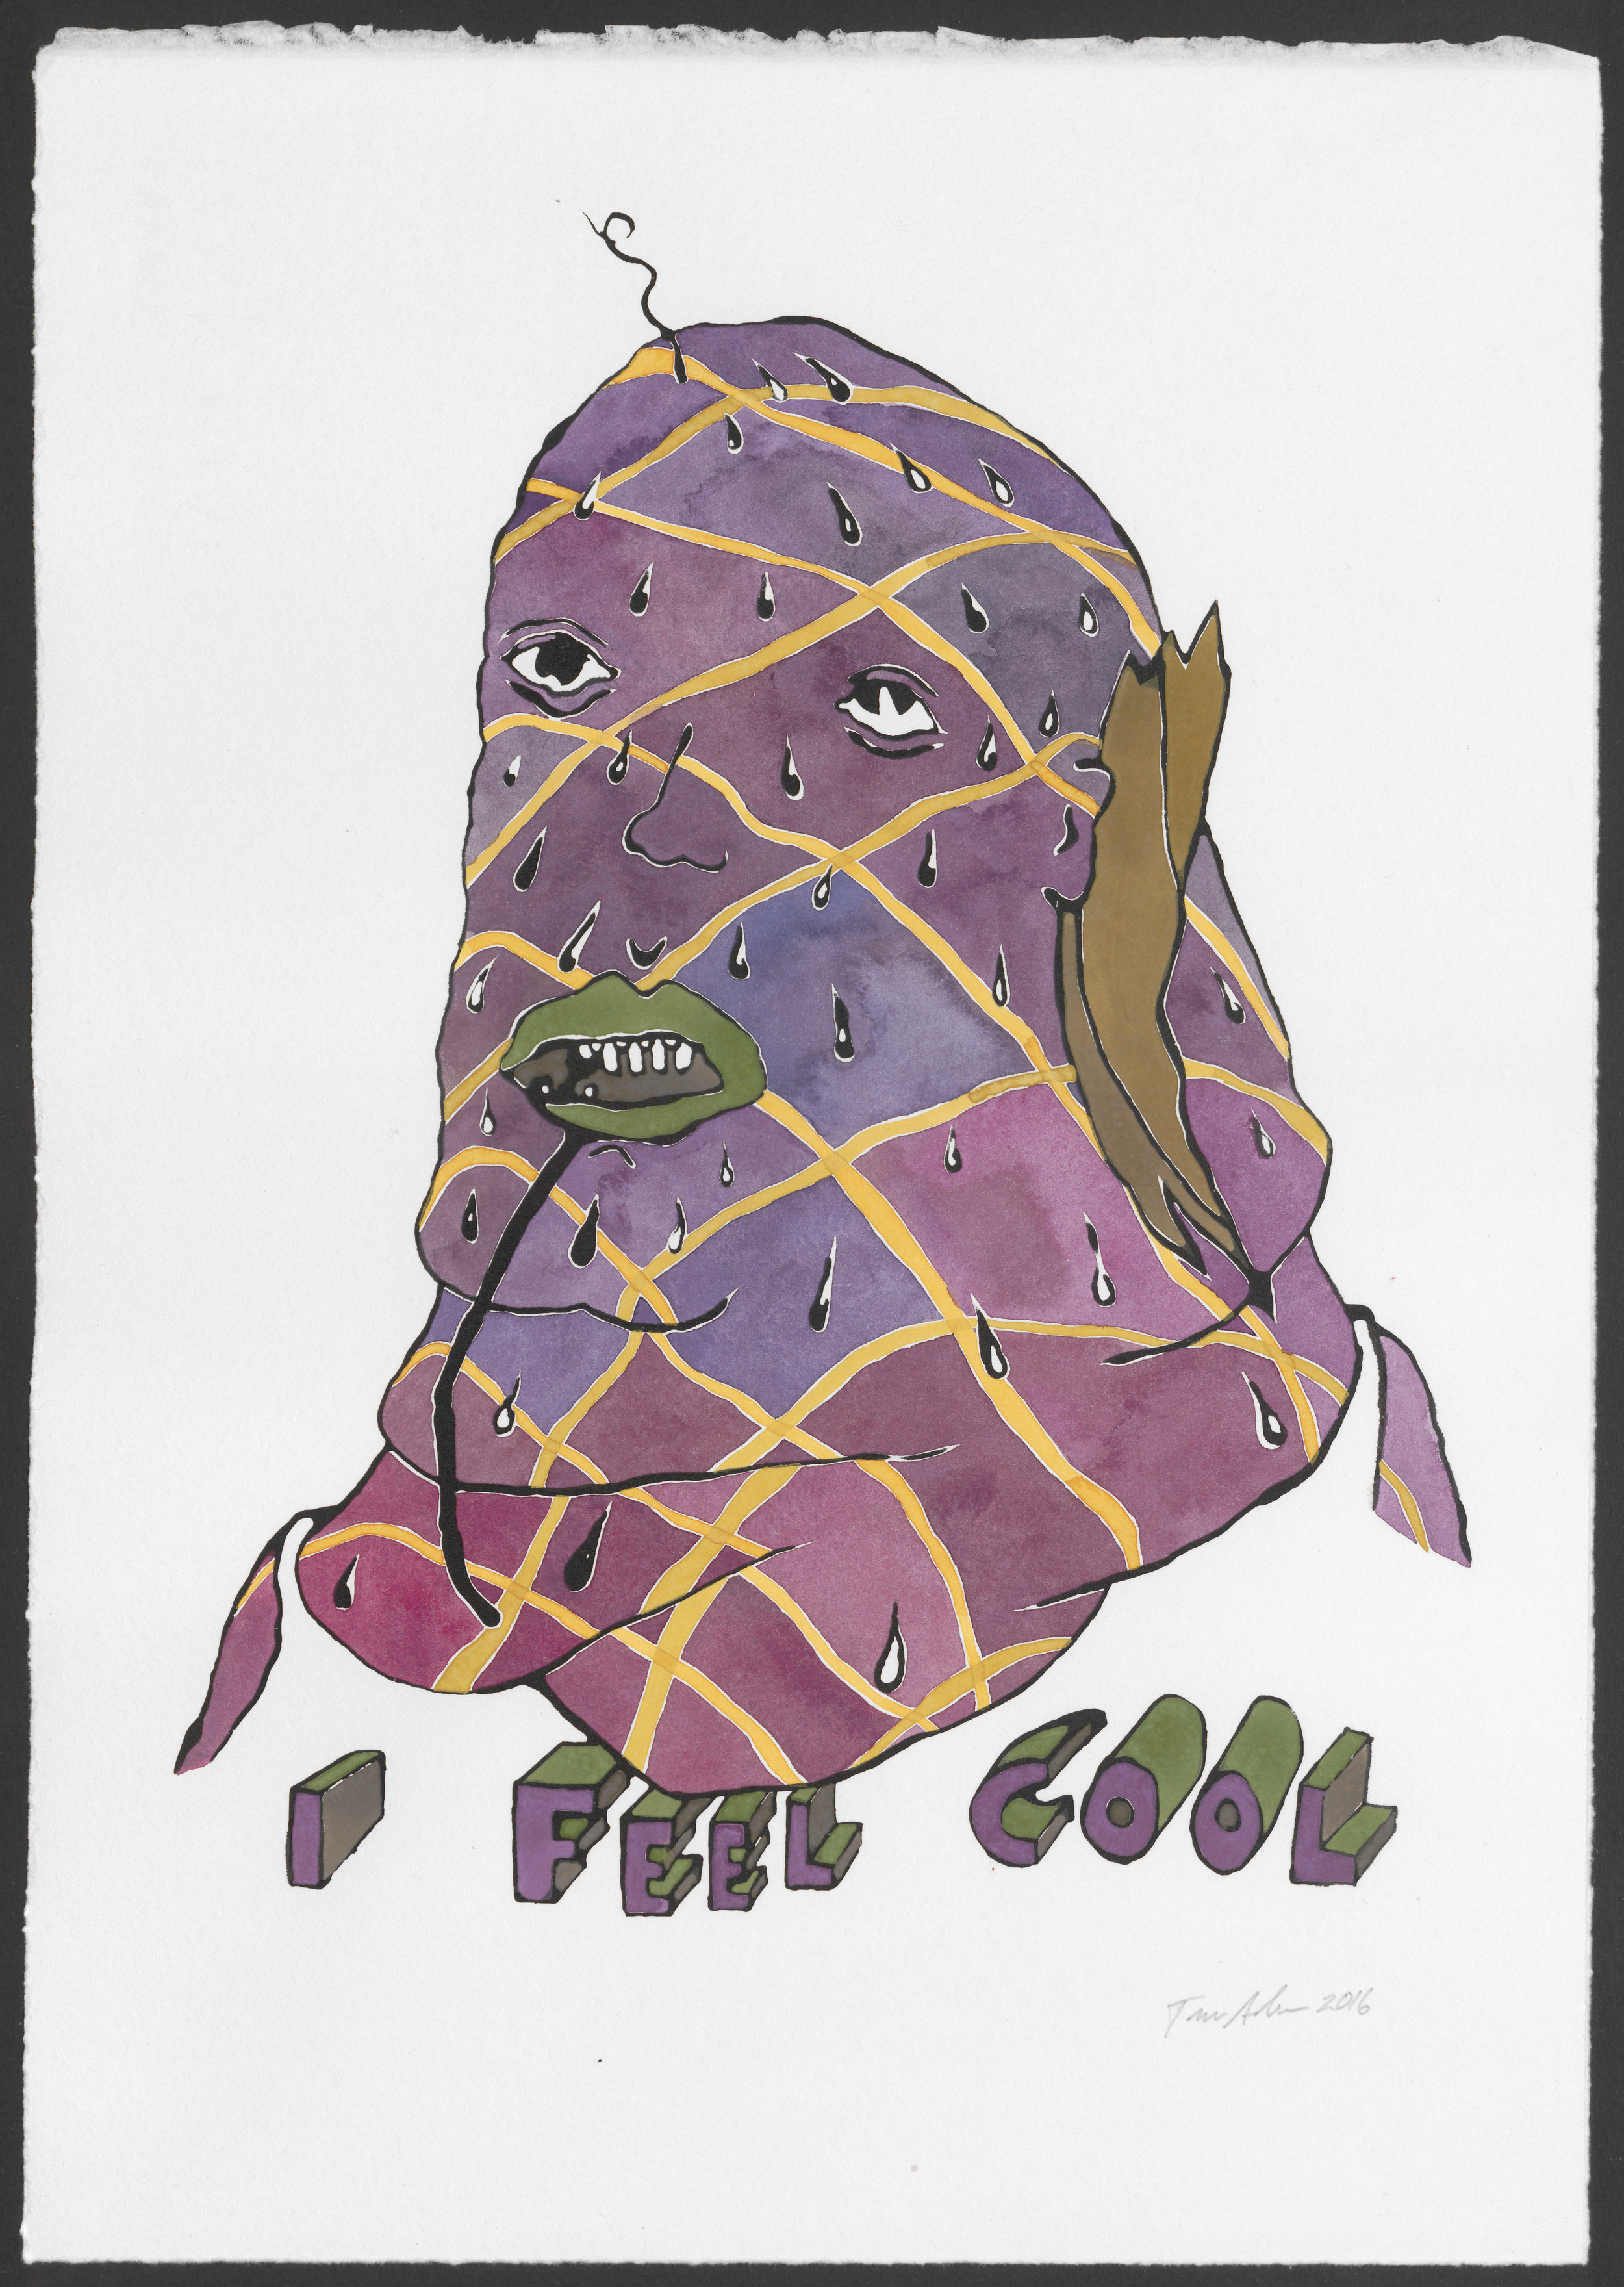 I FEEL COOL.